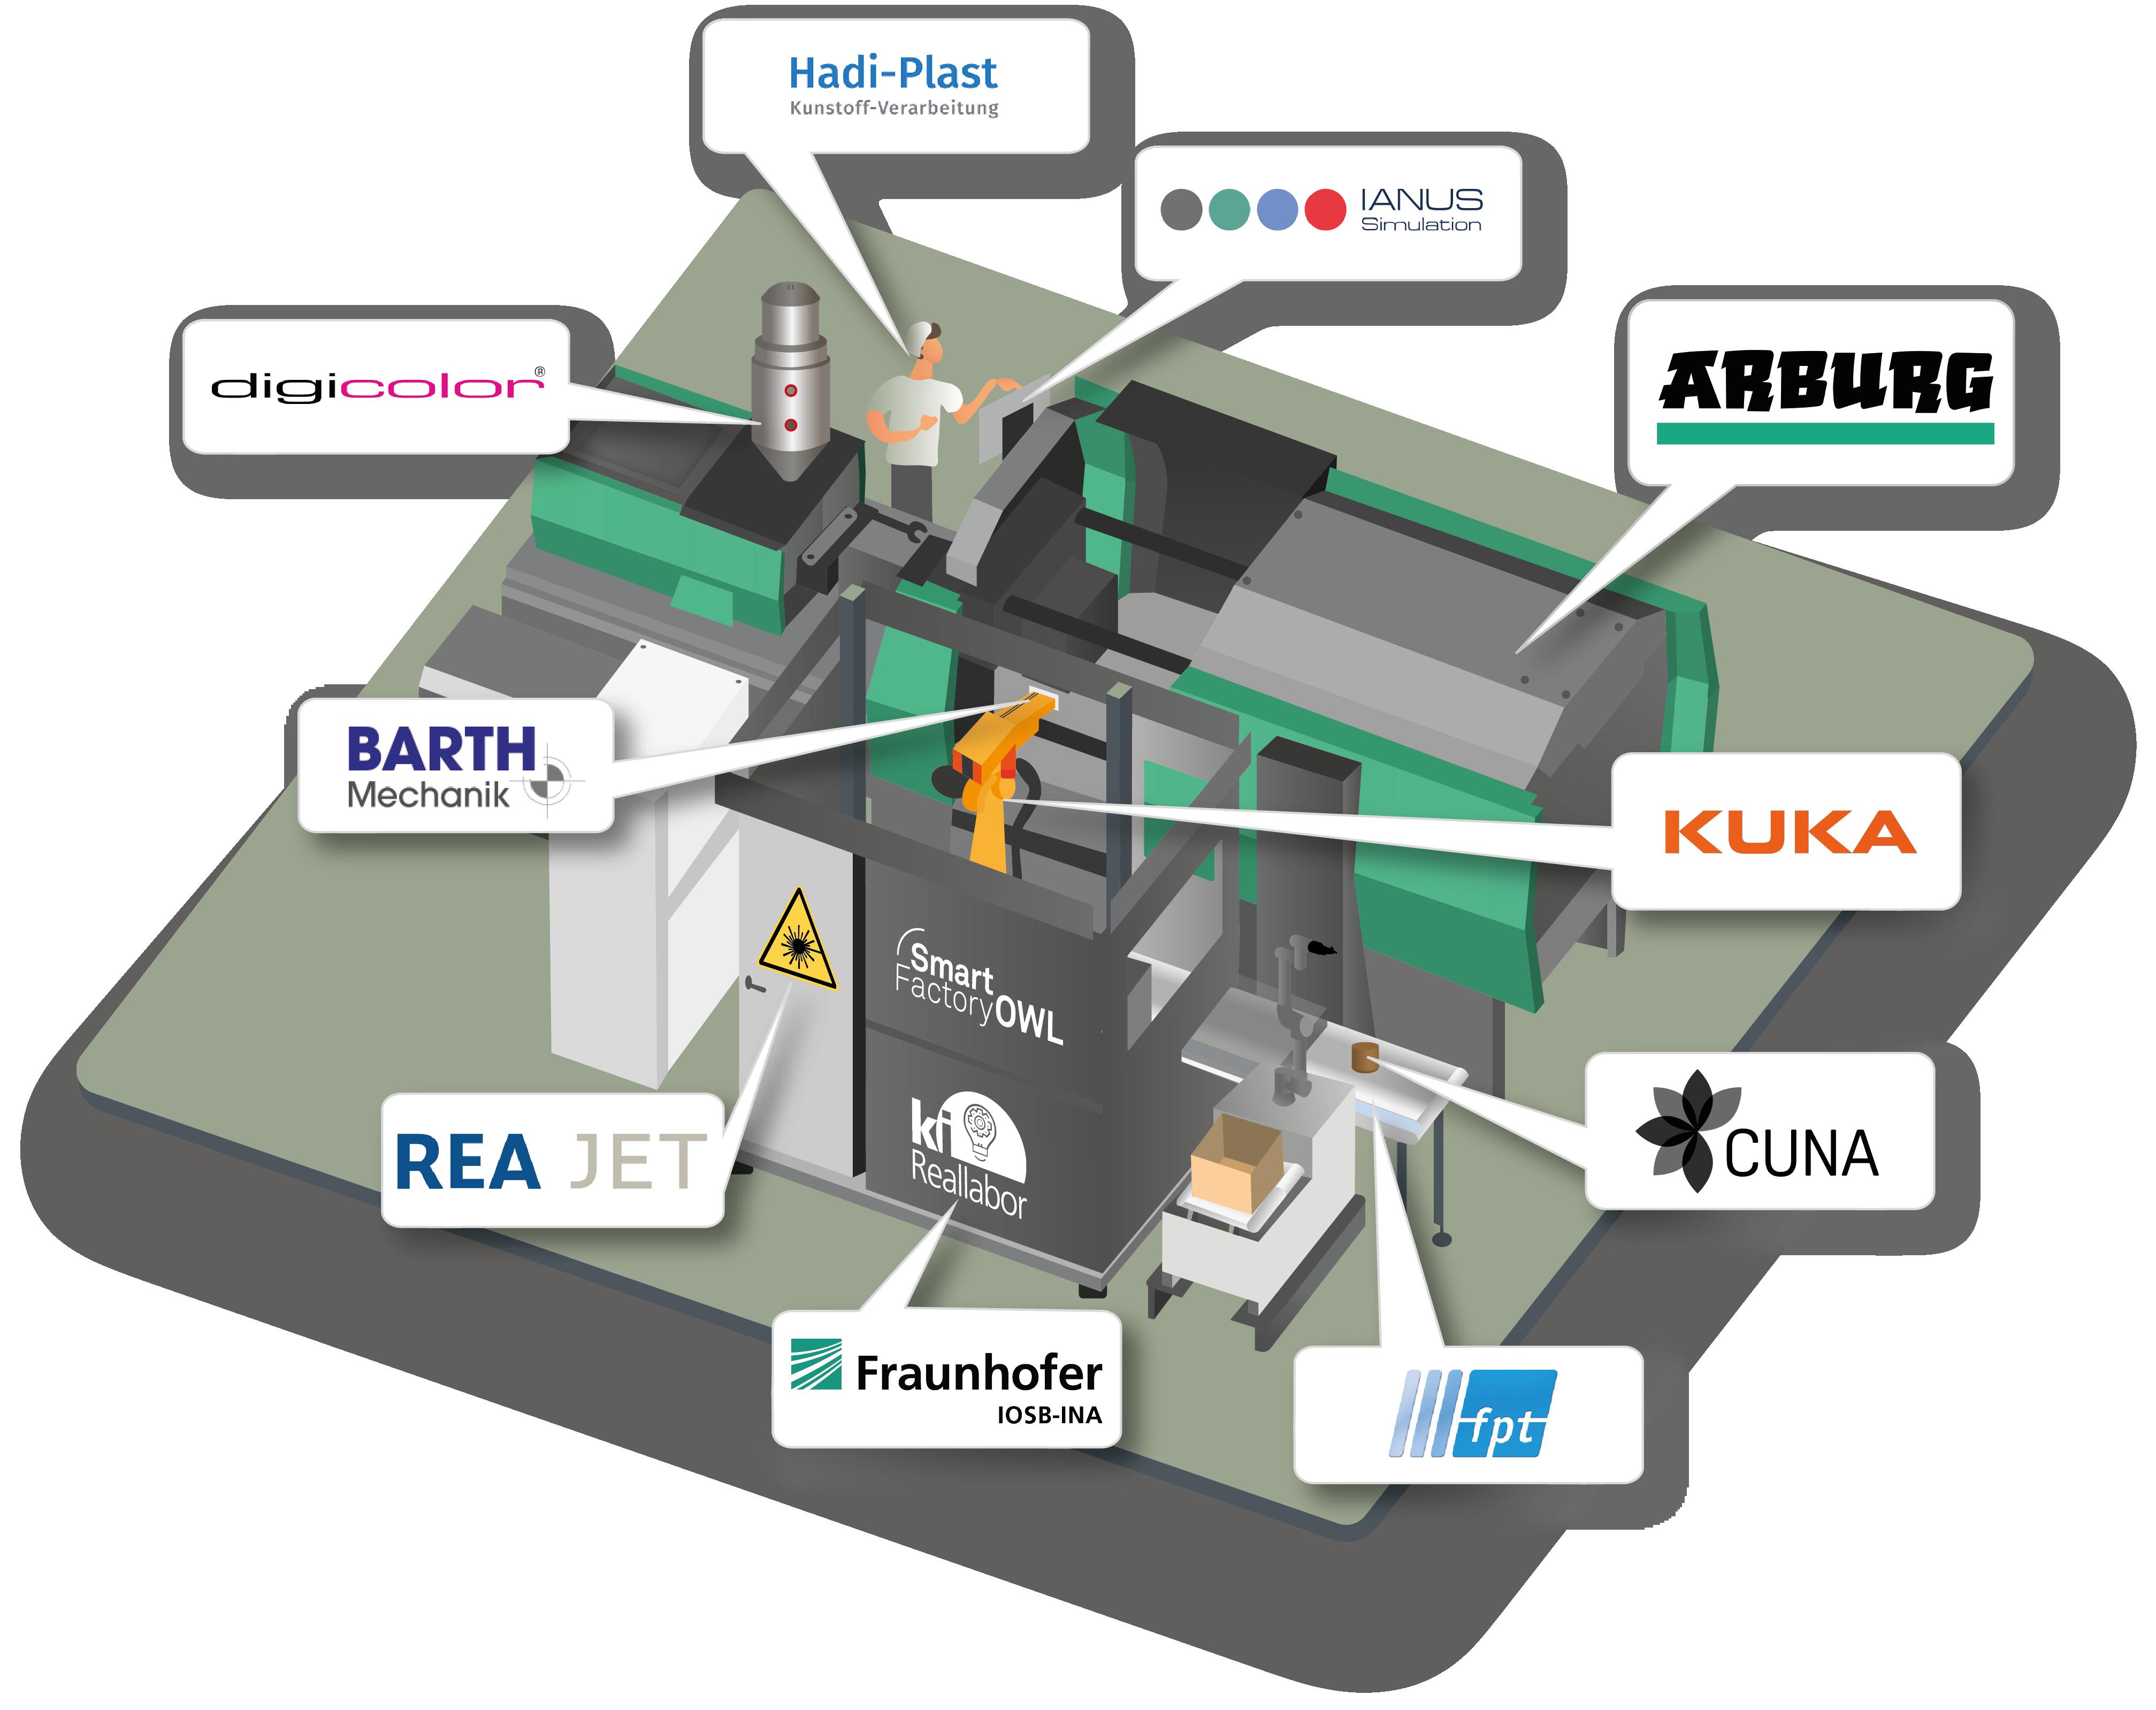 KI Reallabor erforscht Industrie 4.0